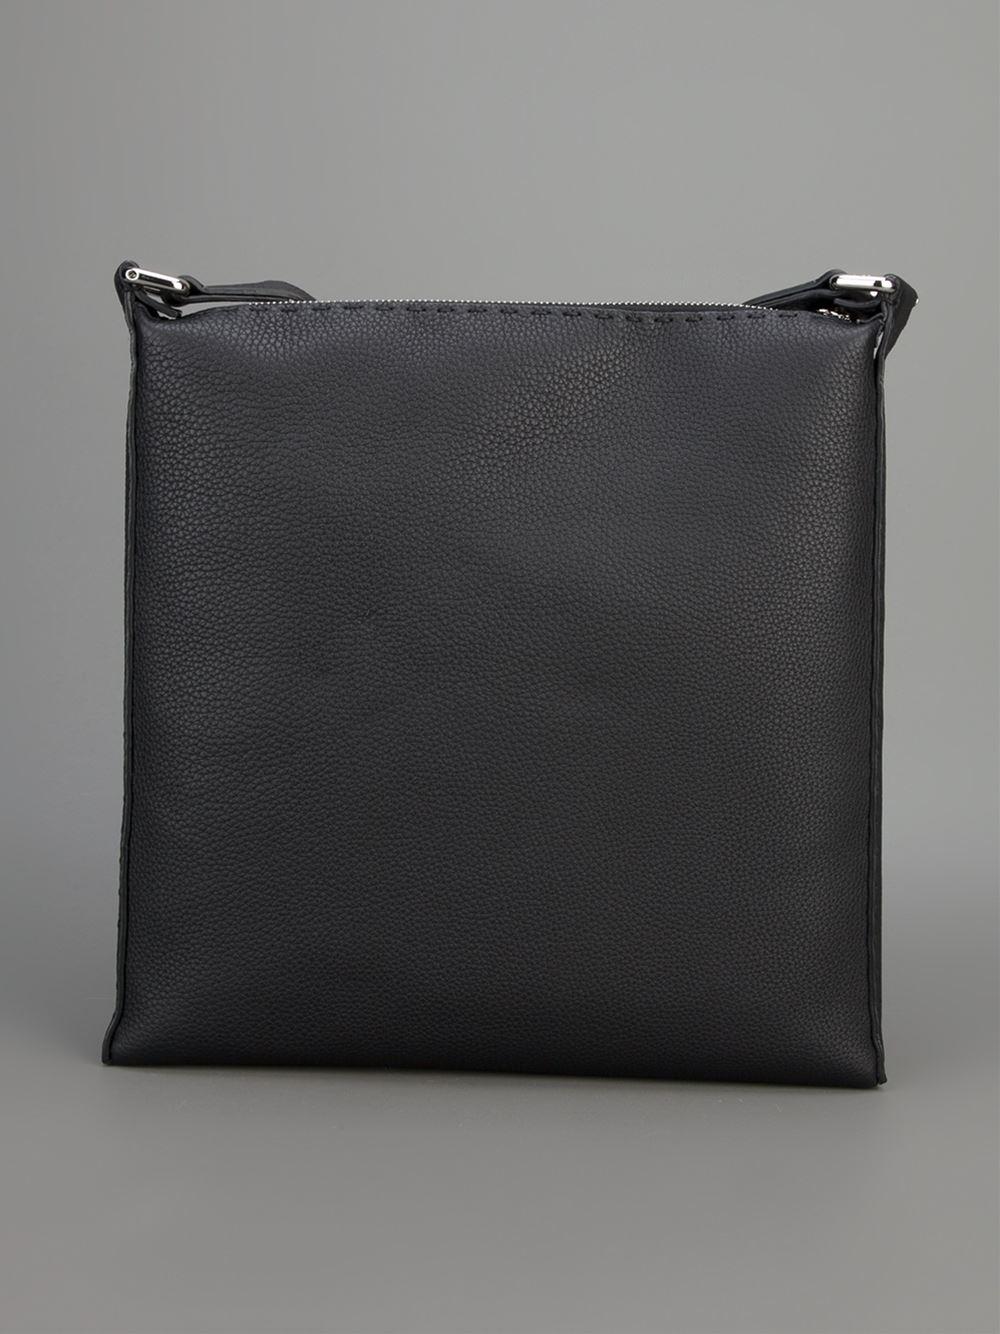 bcc13ce4aa7c Lyst - Fendi Selleria Cross Body Bag in Black for Men